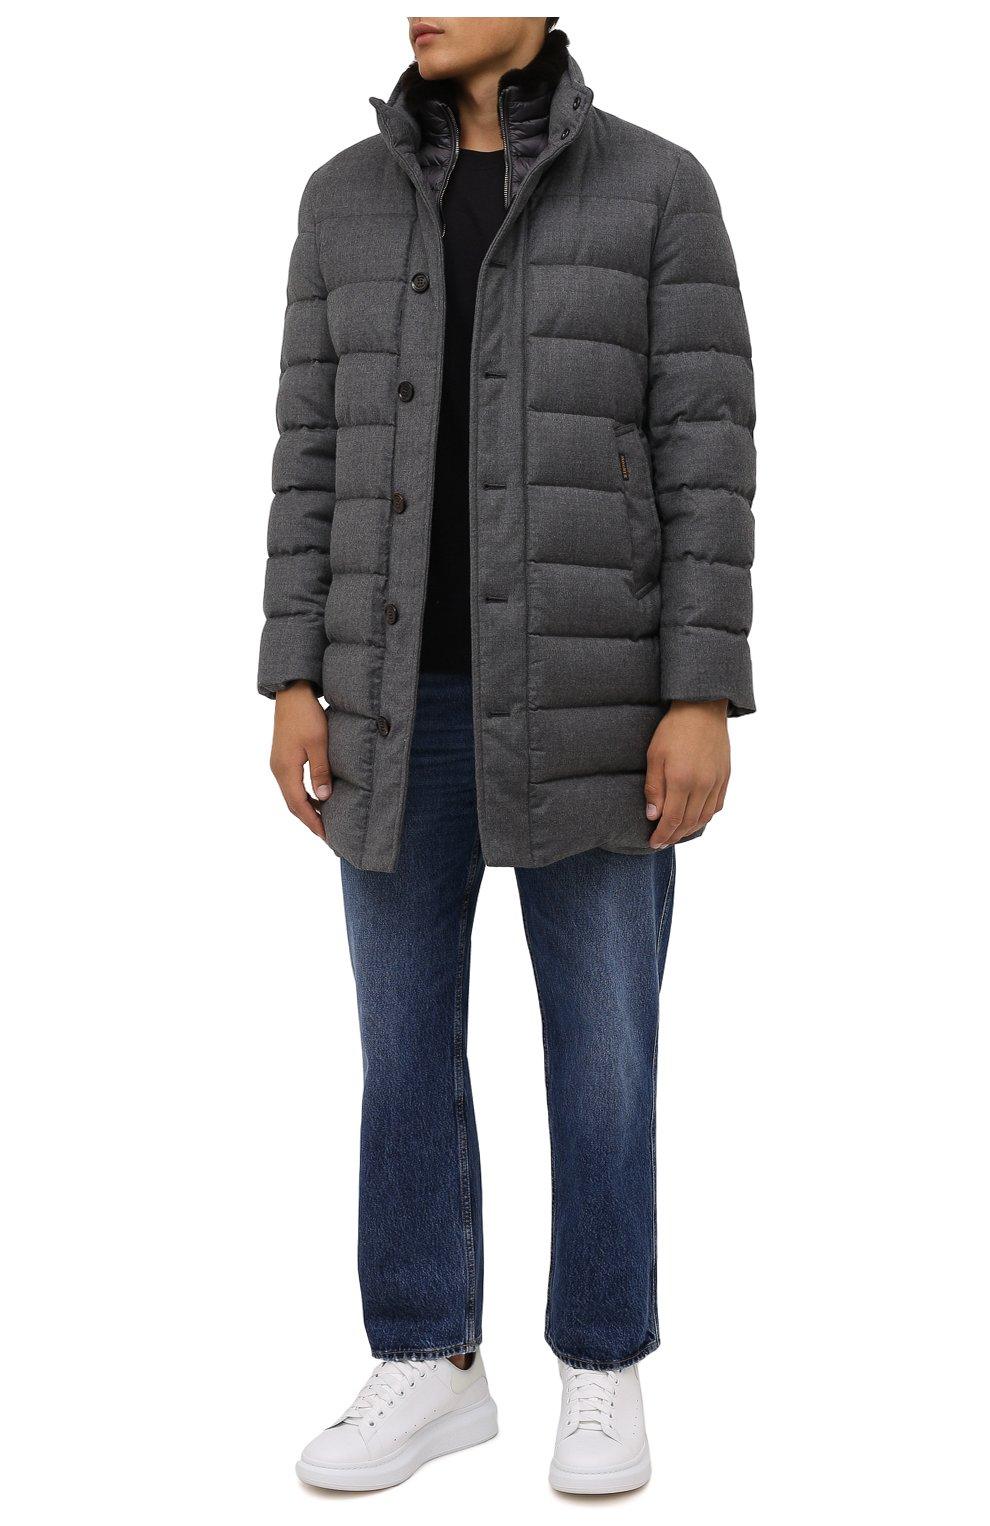 Мужская пуховик из шерсти и кашемира alfieri-fur-l MOORER серого цвета, арт. ALFIERI-FUR-L/M0UGI100104-TEPA217 | Фото 2 (Кросс-КТ: Куртка; Мужское Кросс-КТ: пуховик-короткий; Материал внешний: Шерсть; Рукава: Длинные; Длина (верхняя одежда): До середины бедра; Материал утеплителя: Пух и перо; Стили: Кэжуэл)